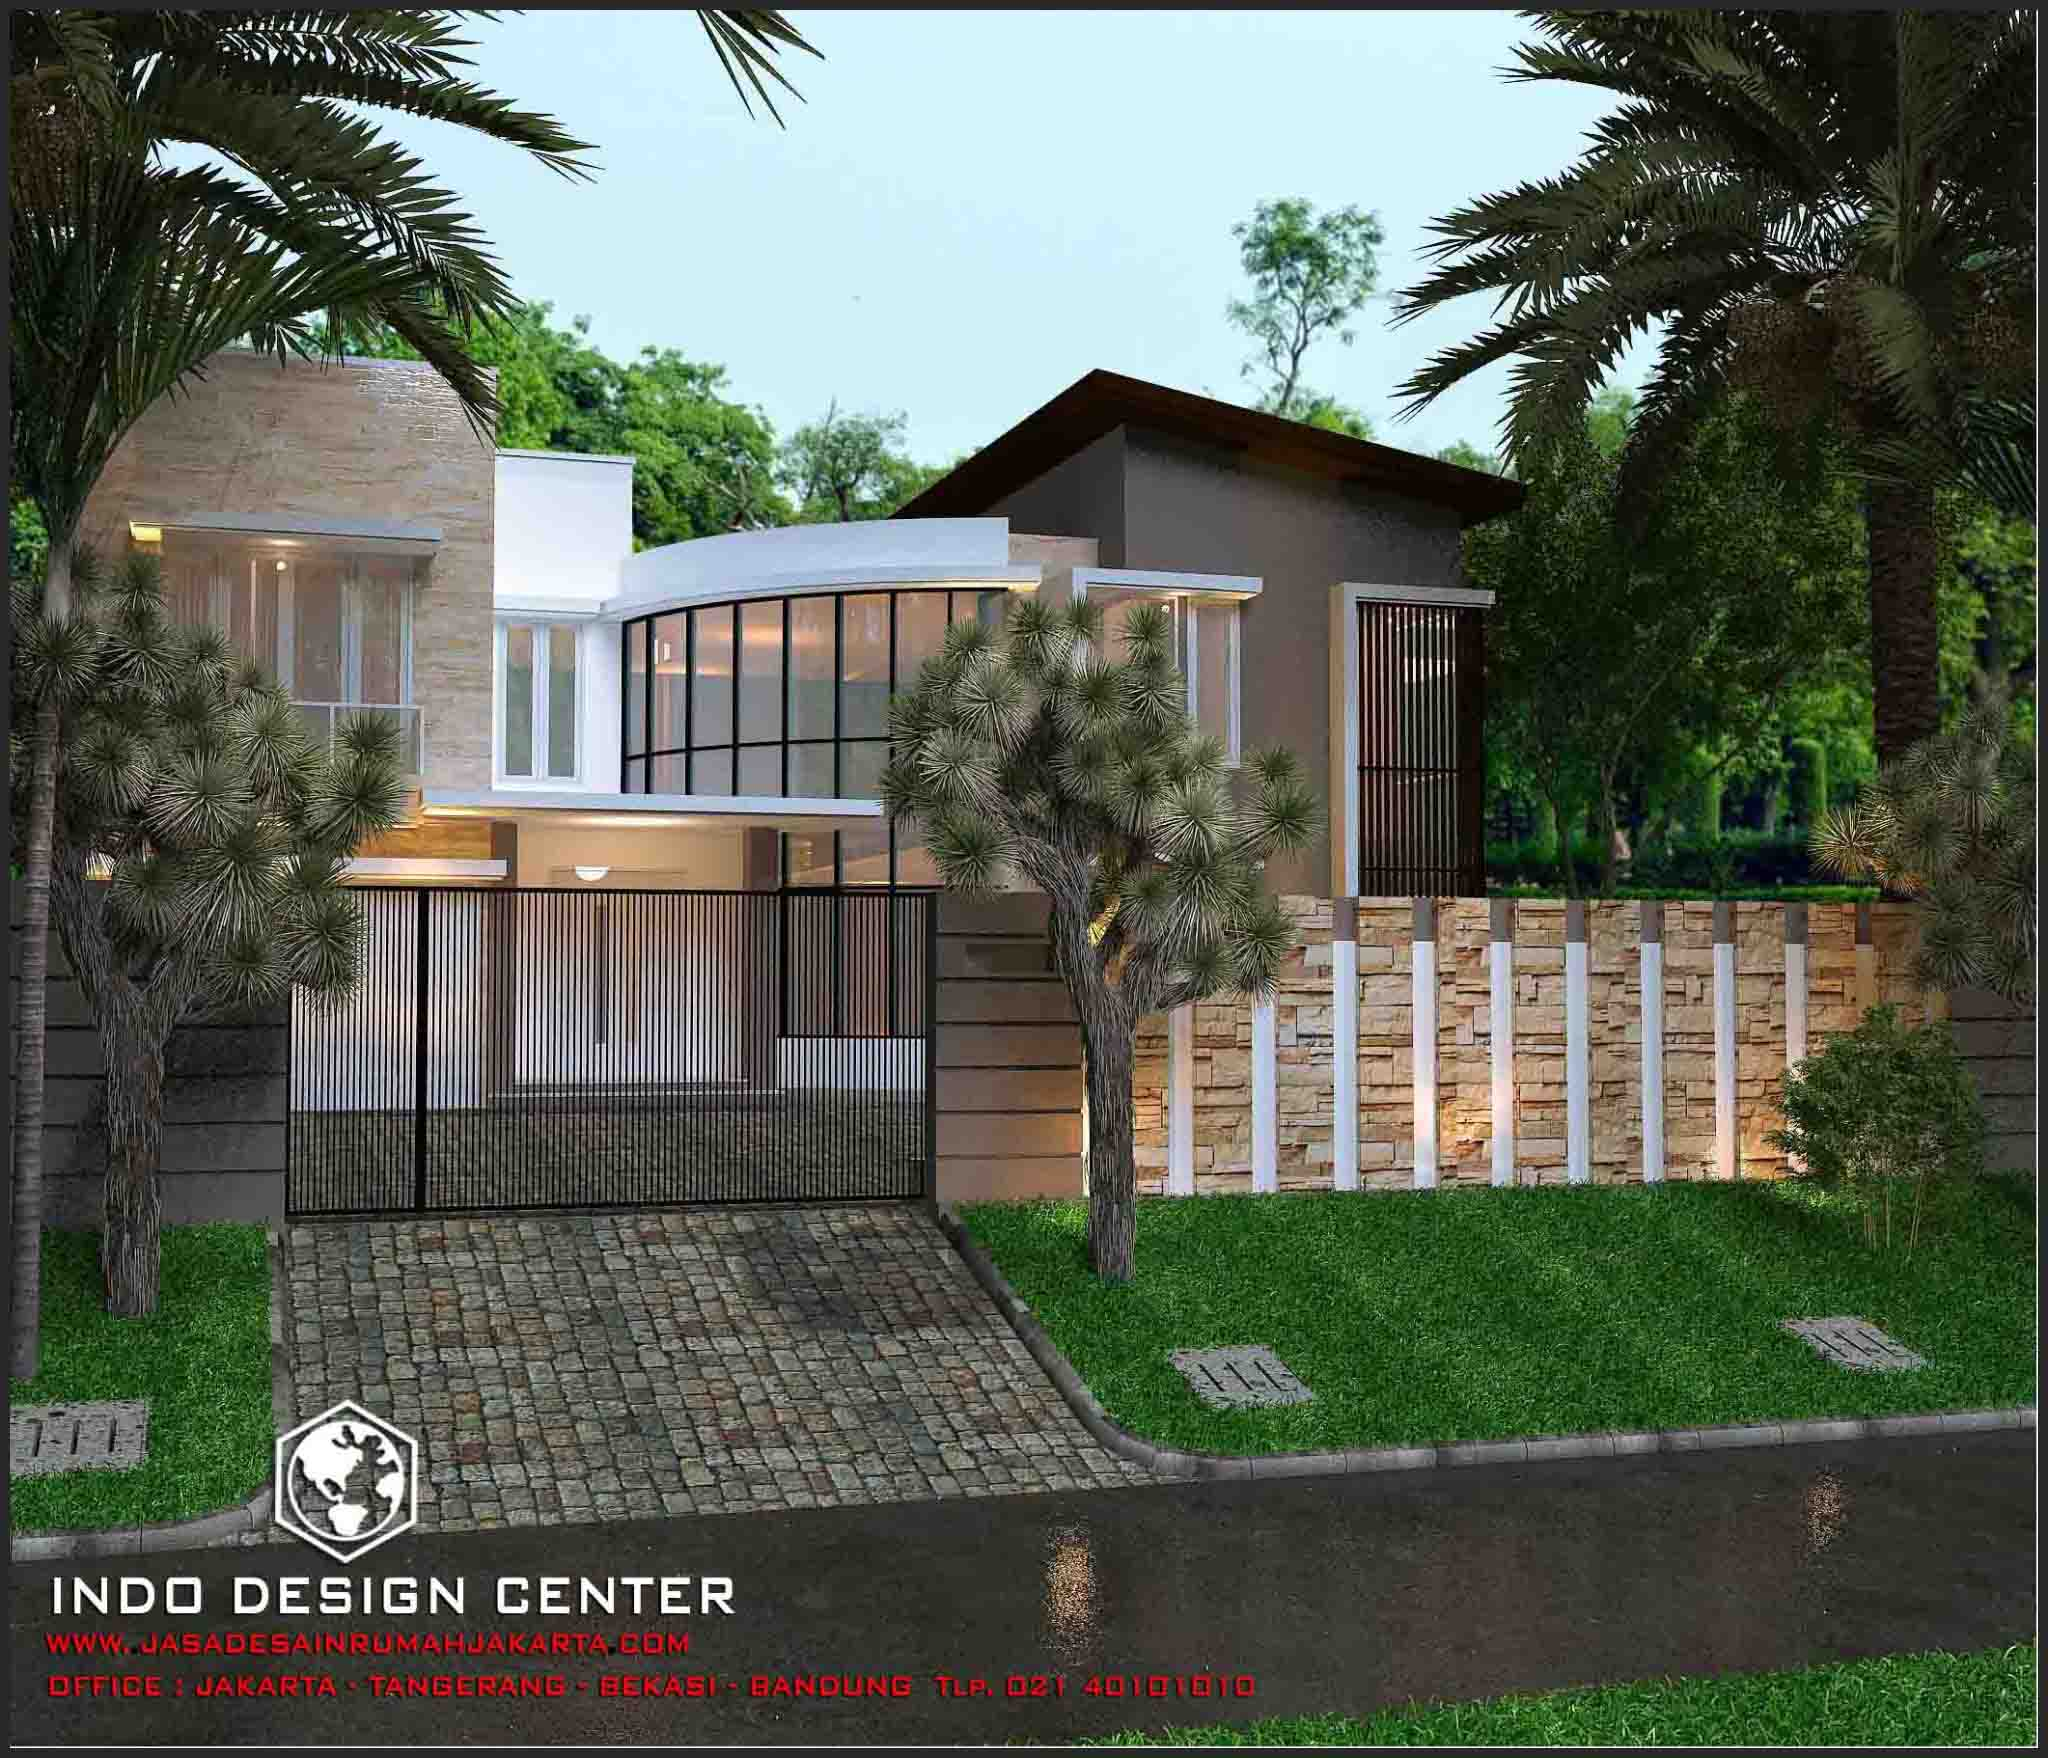 Contoh Karya Jasa Desain Rumah: Gambar Model Rumah Baru, Jasa Desain Rumah Jakarta